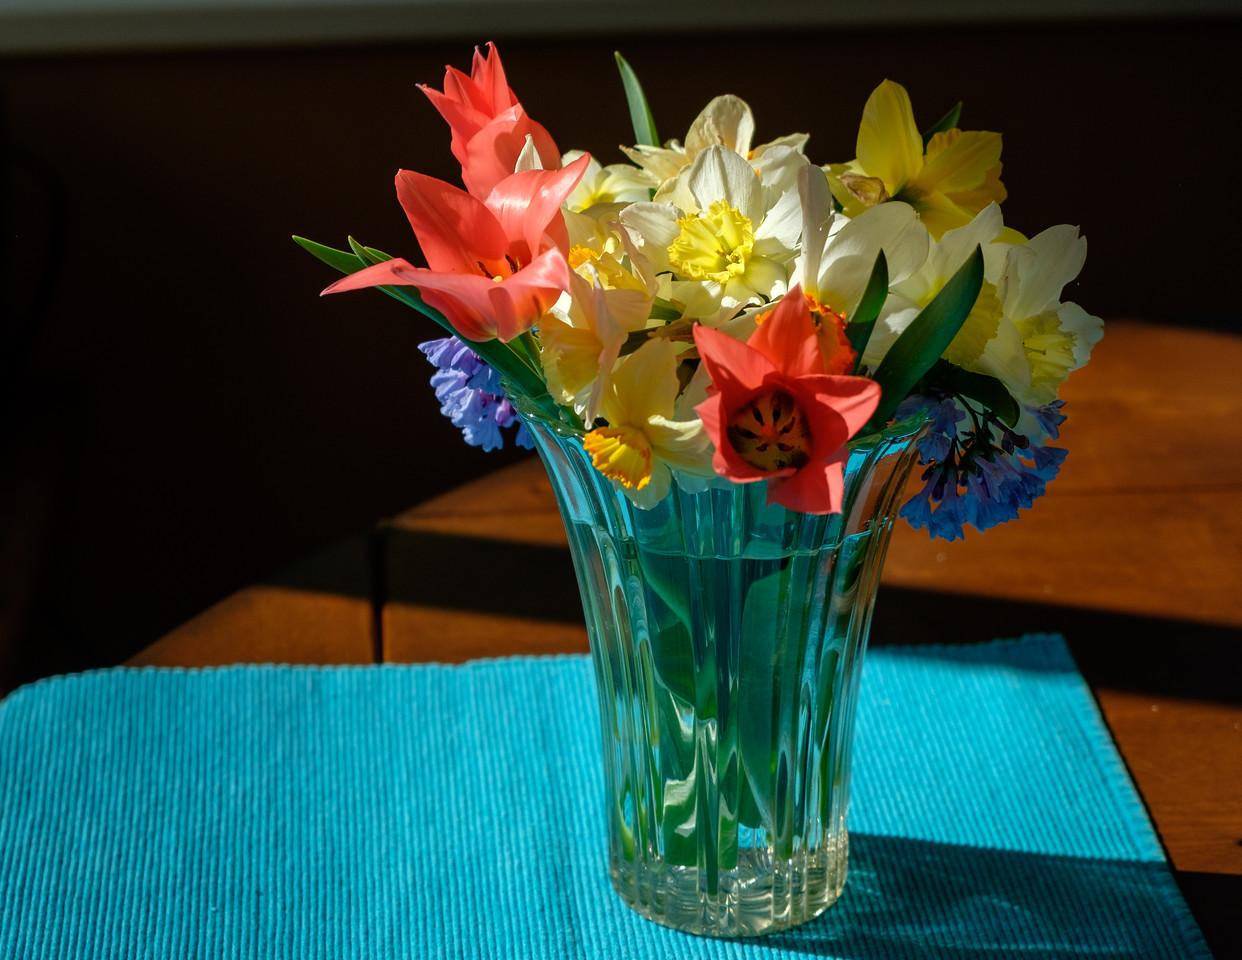 spring_flowers+vase-3386